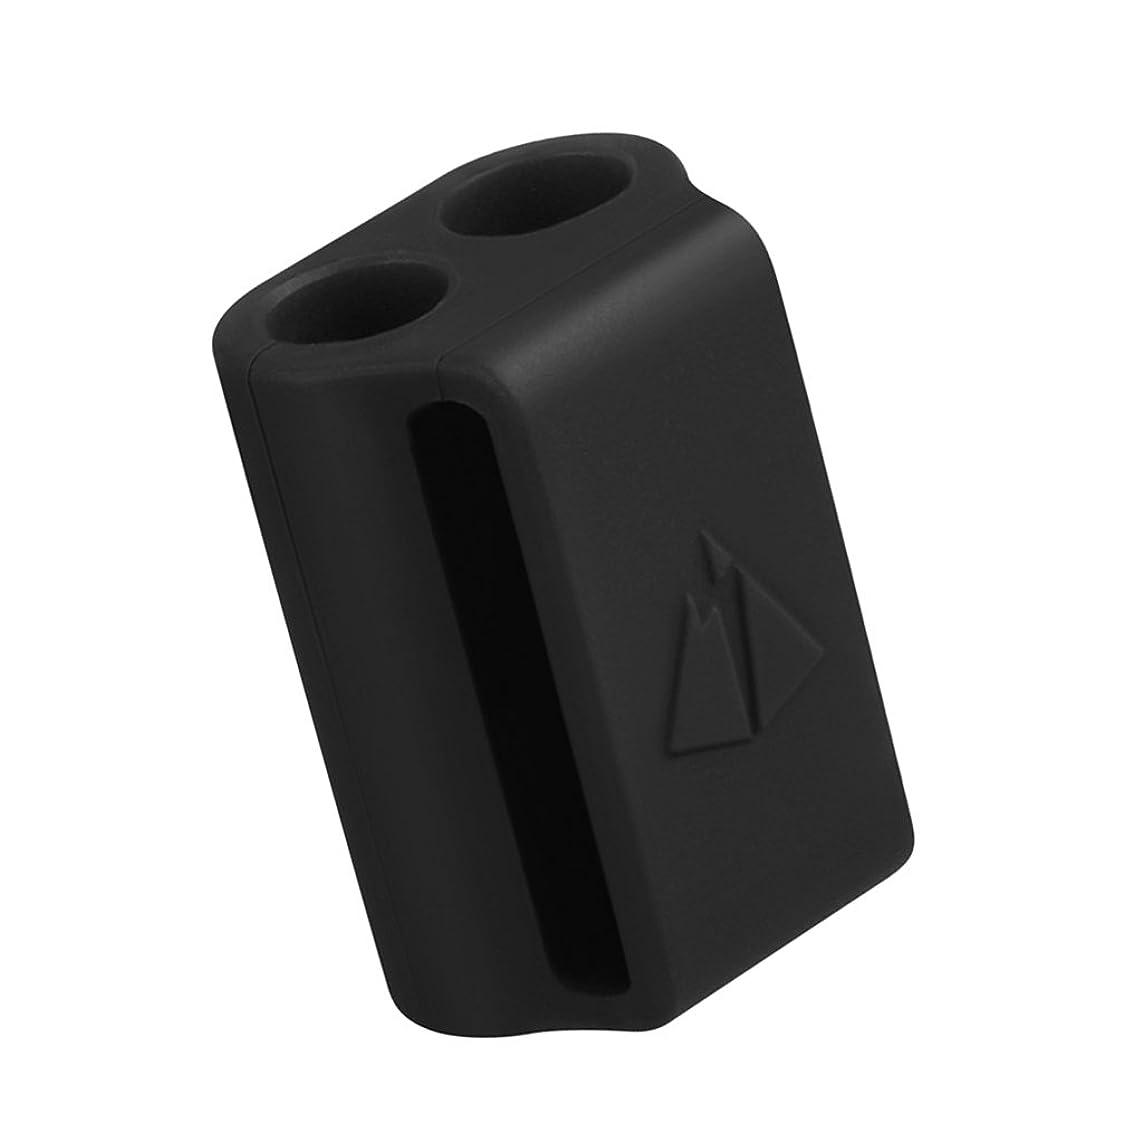 読みやすい反対に印象Baosity Apple AirPodに対応 携帯型 多機能 実用的 保護ケース 落下防止 ストラップ イヤーピース 全3色 - 黒